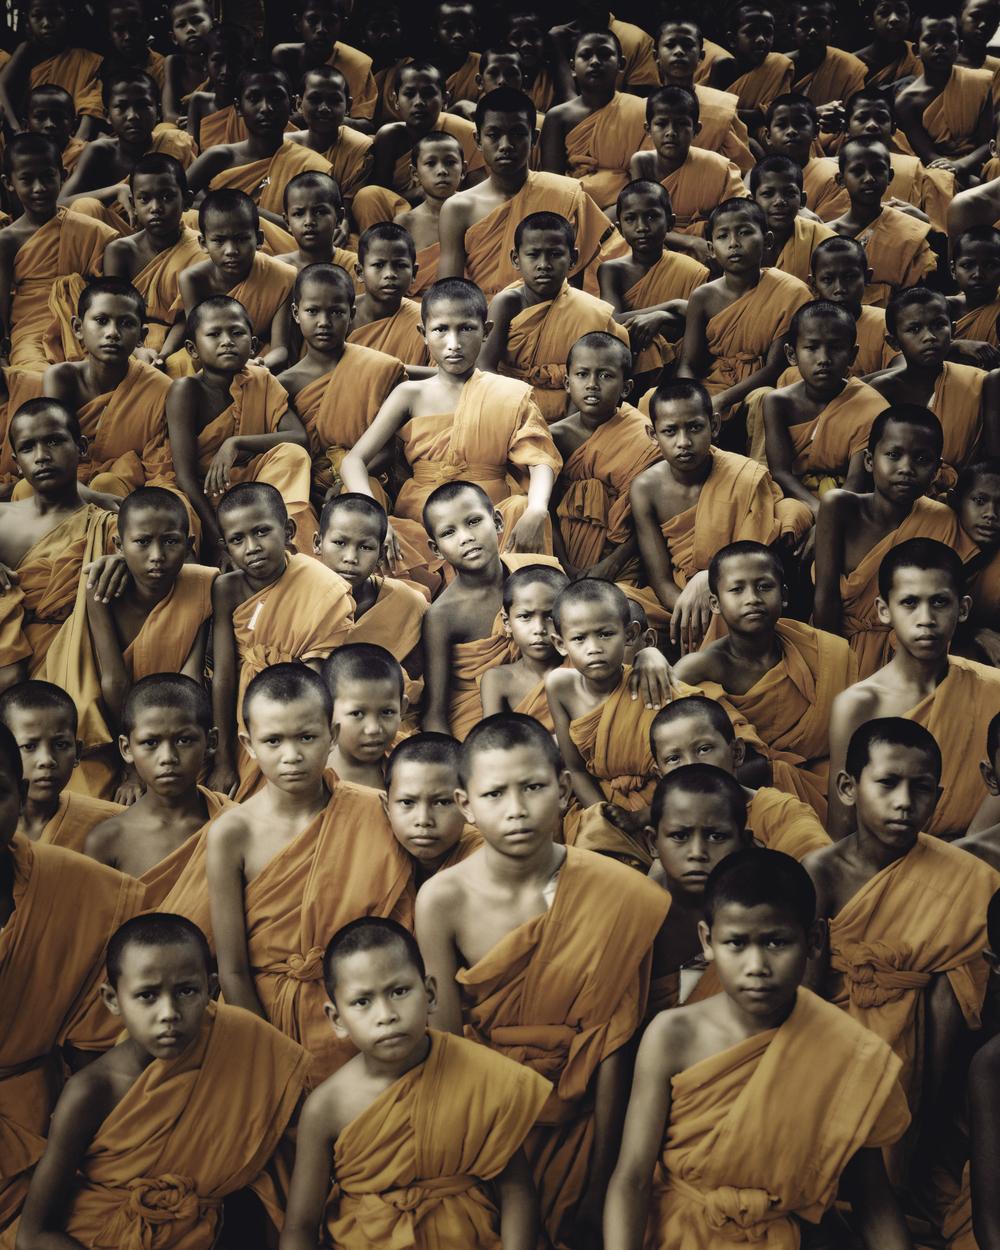 x1x 330 buddhist monks ganden monastery tibet, 2011